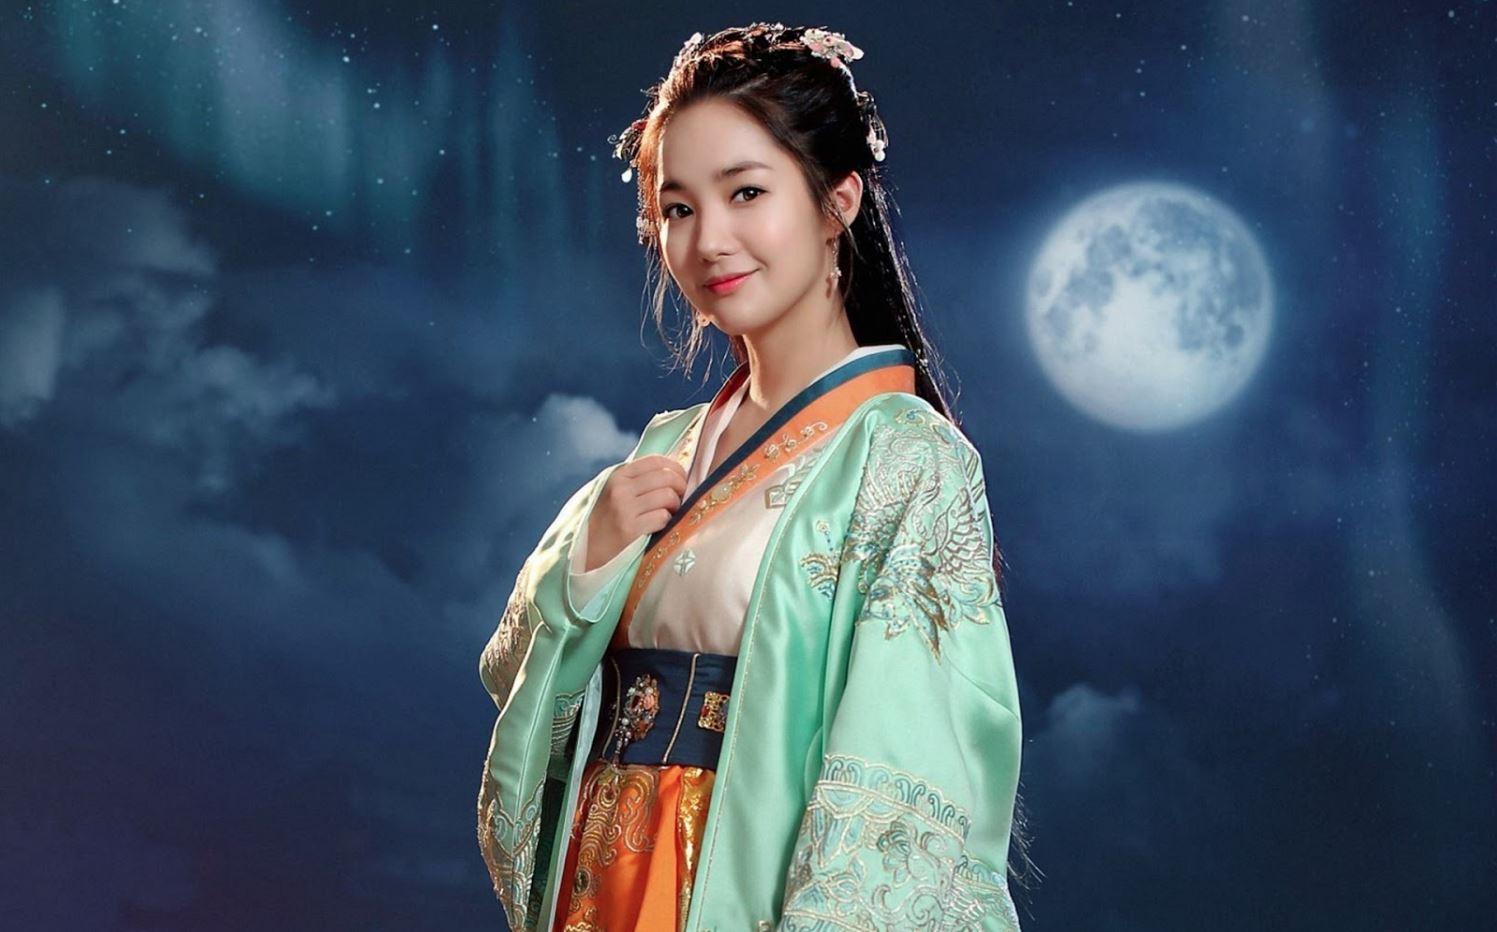 Vẻ đẹp của mỹ nhân Hàn cũng rất hợp với trang phục cổ trang